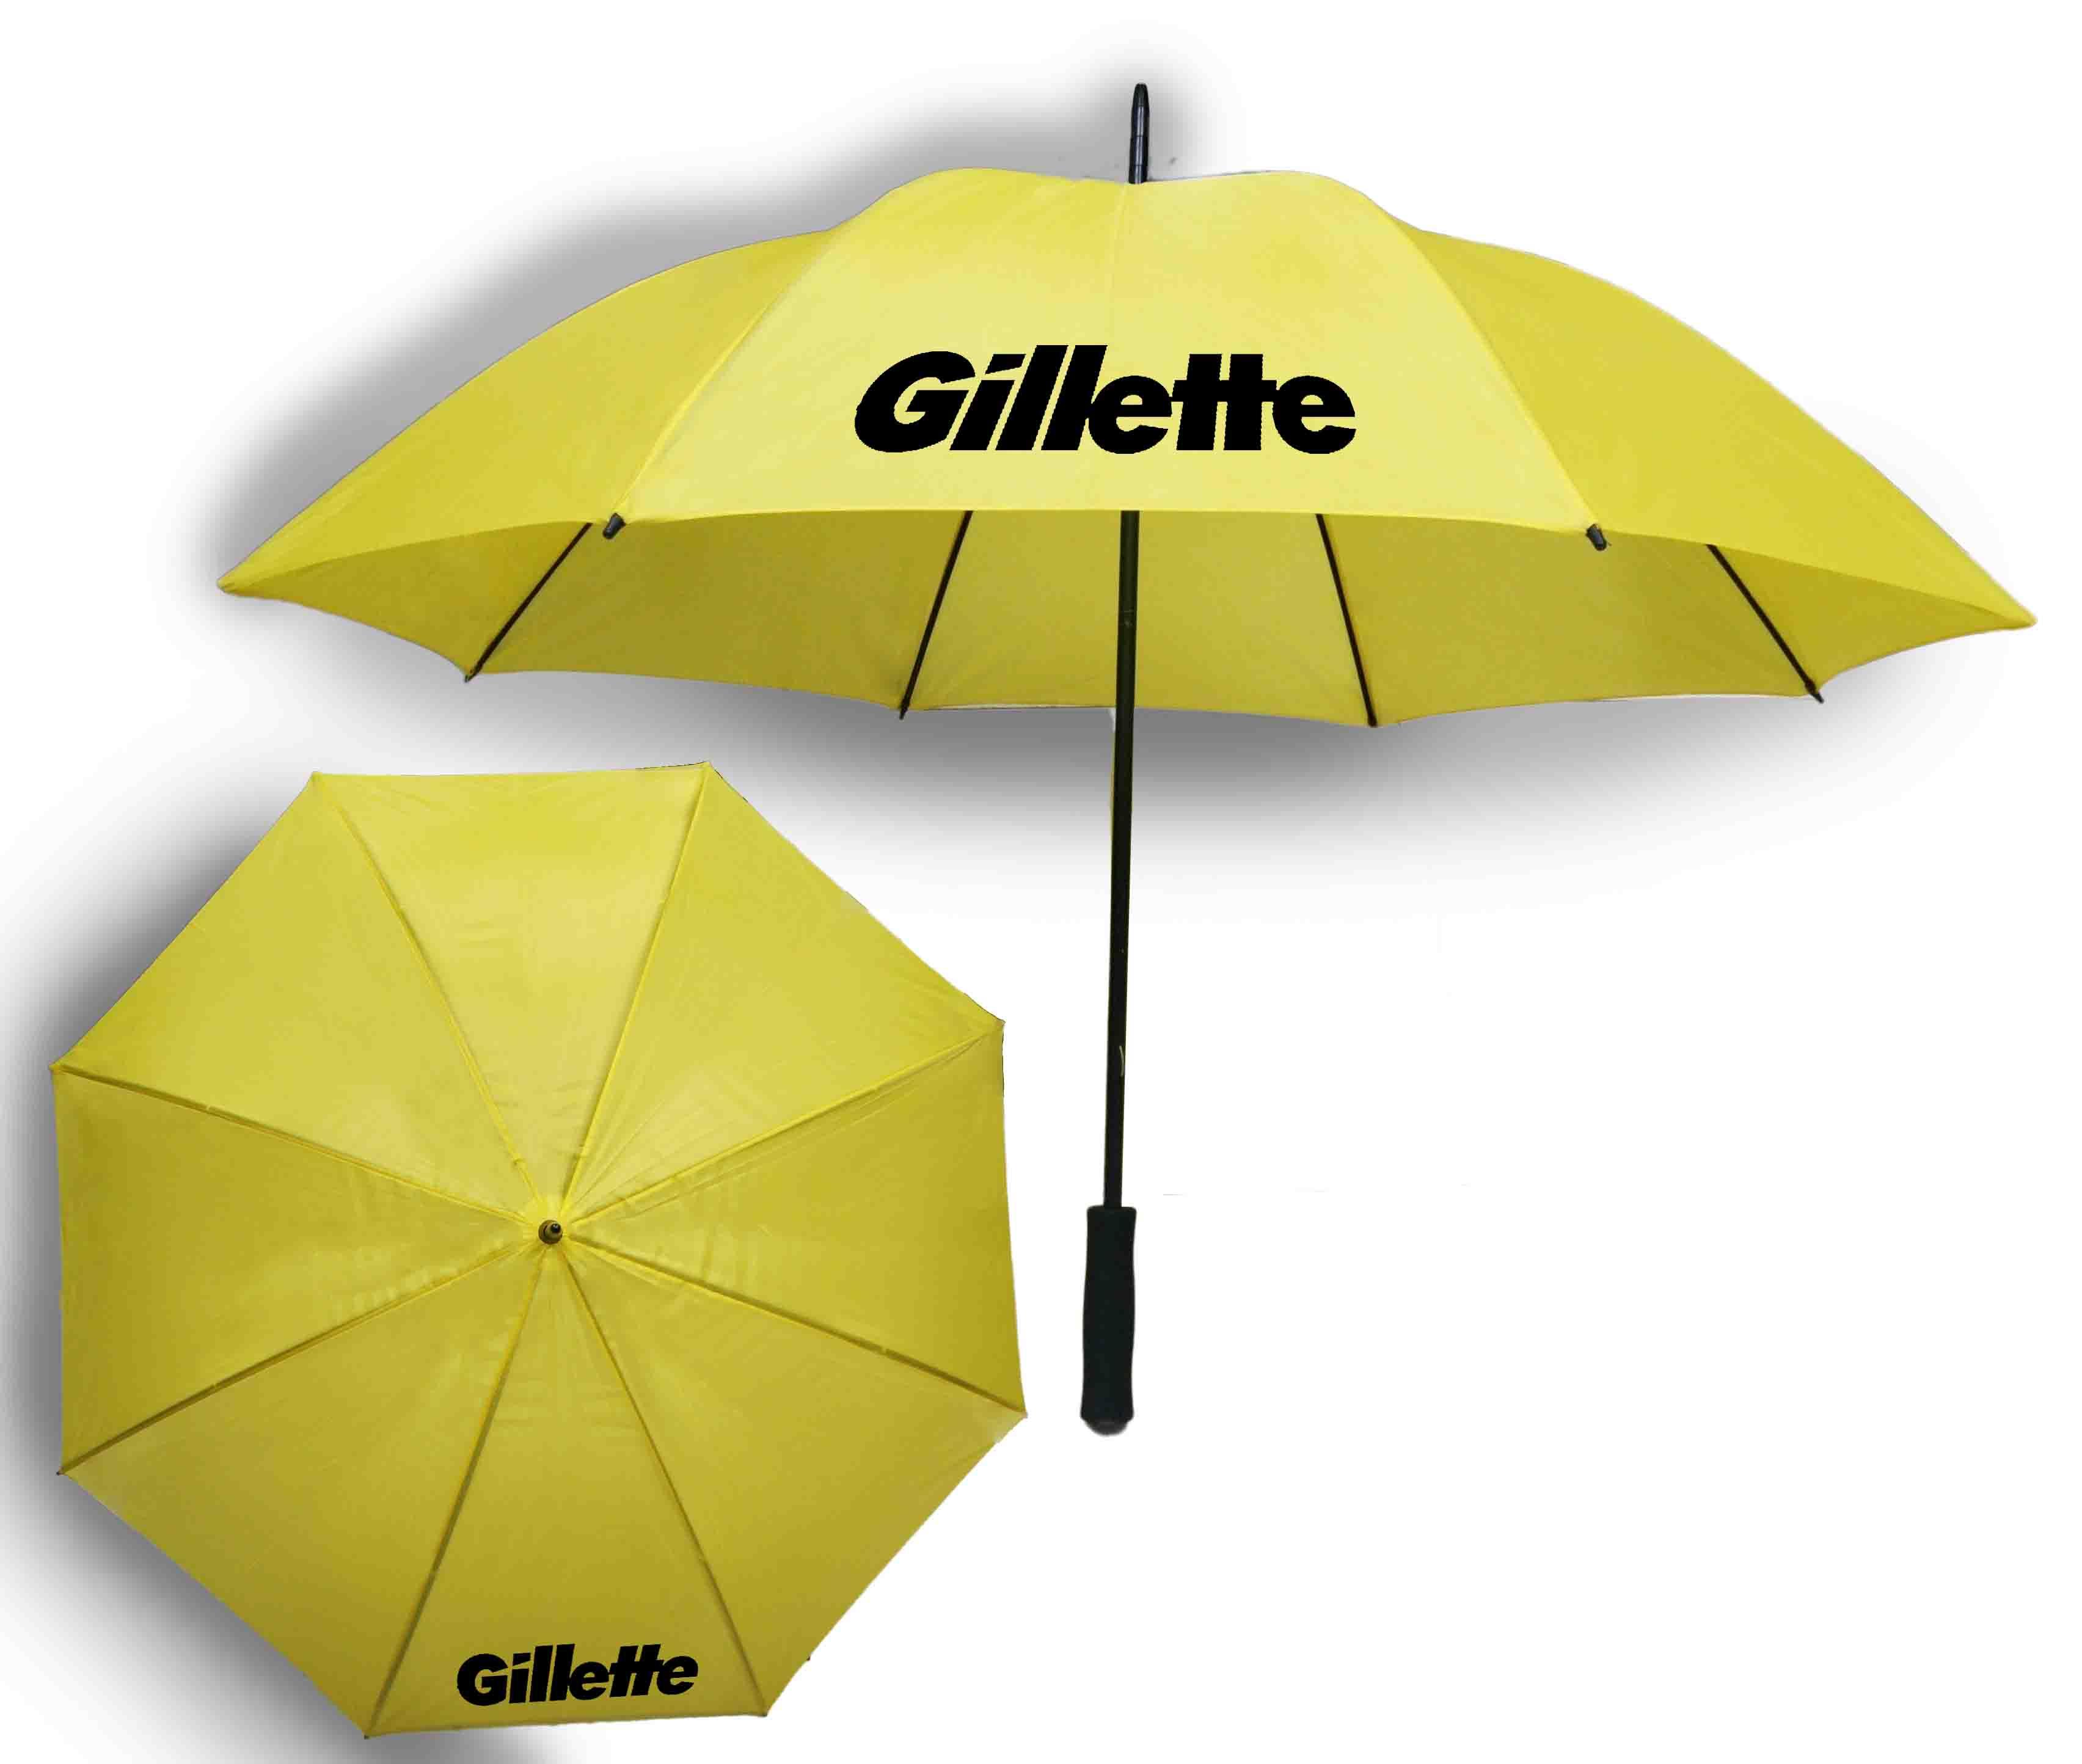 ייצור מטריות | מטריות איכותיות